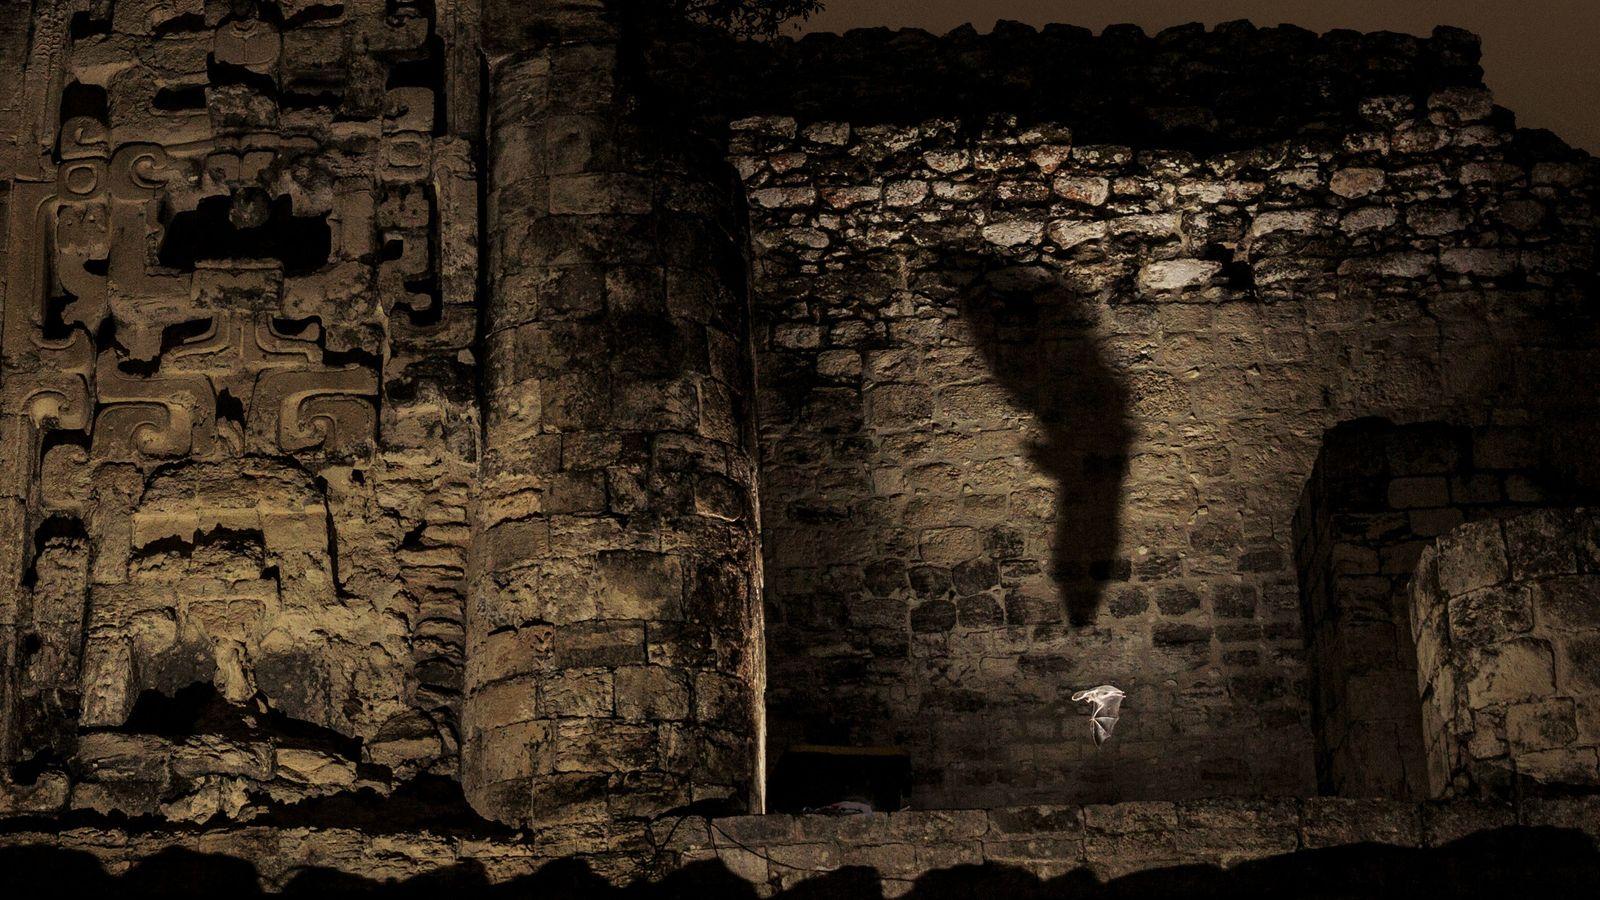 Un chrotoptère oreillard revient avec le dîner dans son abri, sur le site archéologique d'Hormiguero. Les ...